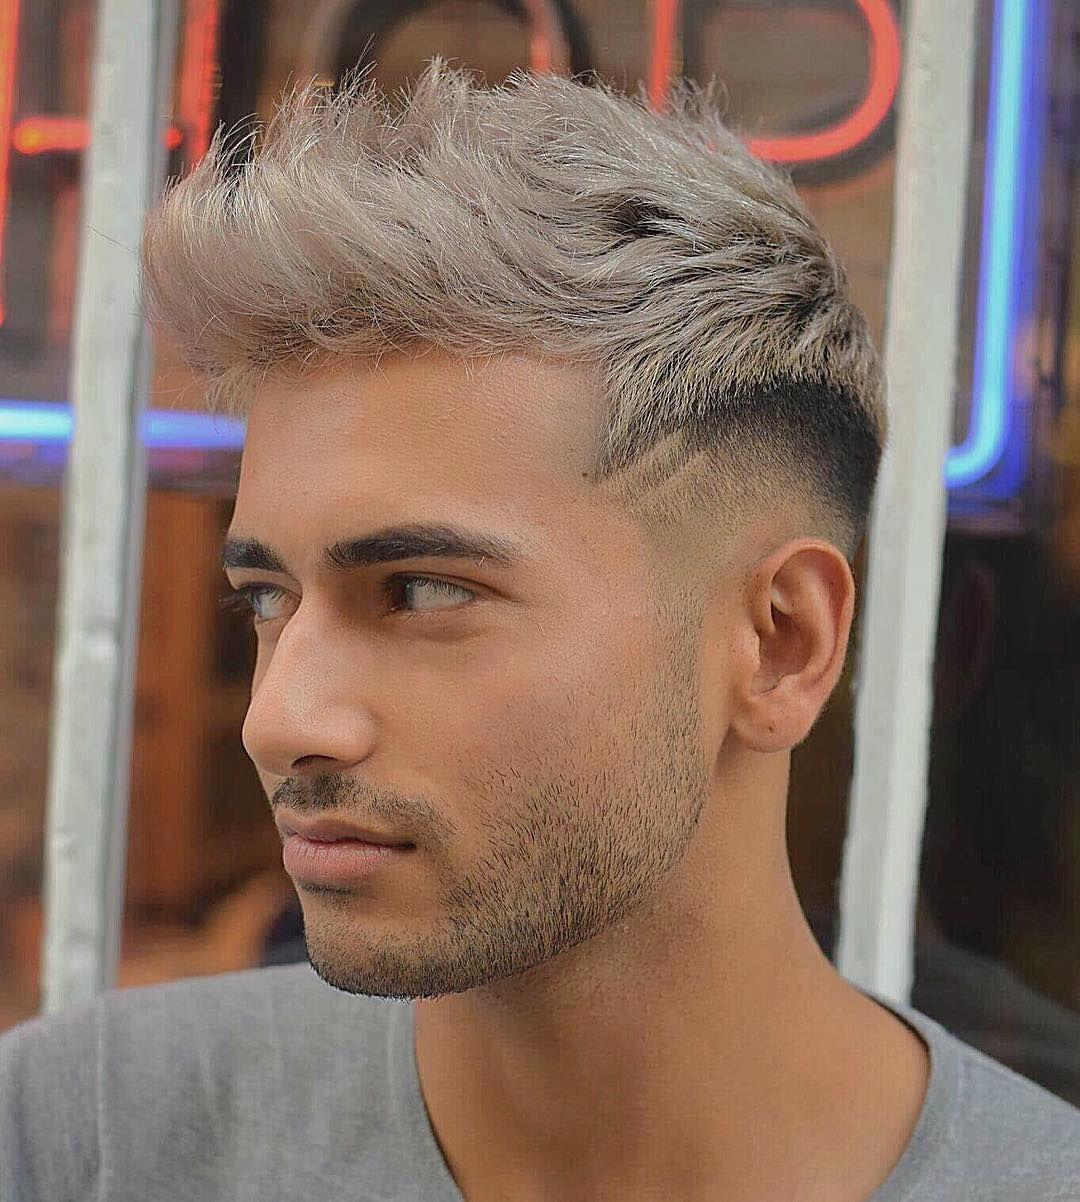 Más agudo peinados hombre 2021 Galería De Consejos De Color De Pelo - Tendencias Color Cabello 2020 Hombre | FormatoAPA.com ...